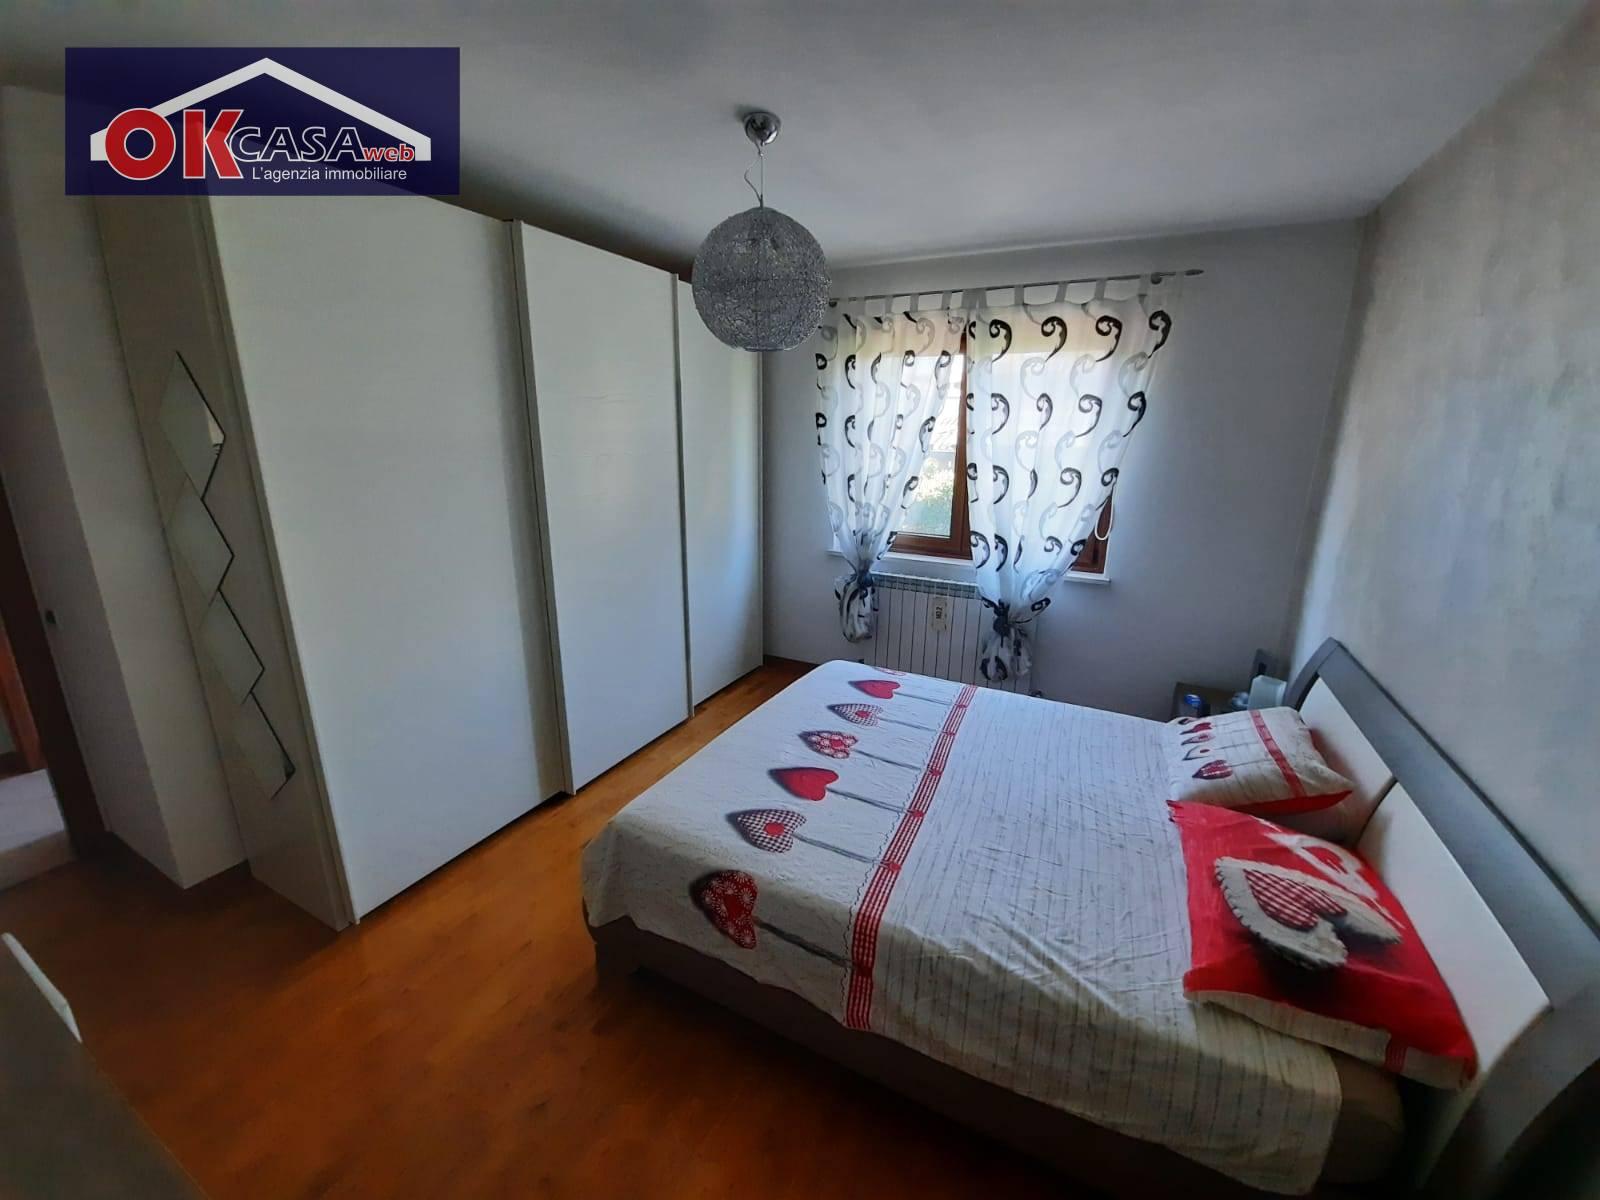 Appartamento in vendita a San Canzian d'Isonzo, 5 locali, zona Zona: Pieris, prezzo € 148.000 | CambioCasa.it